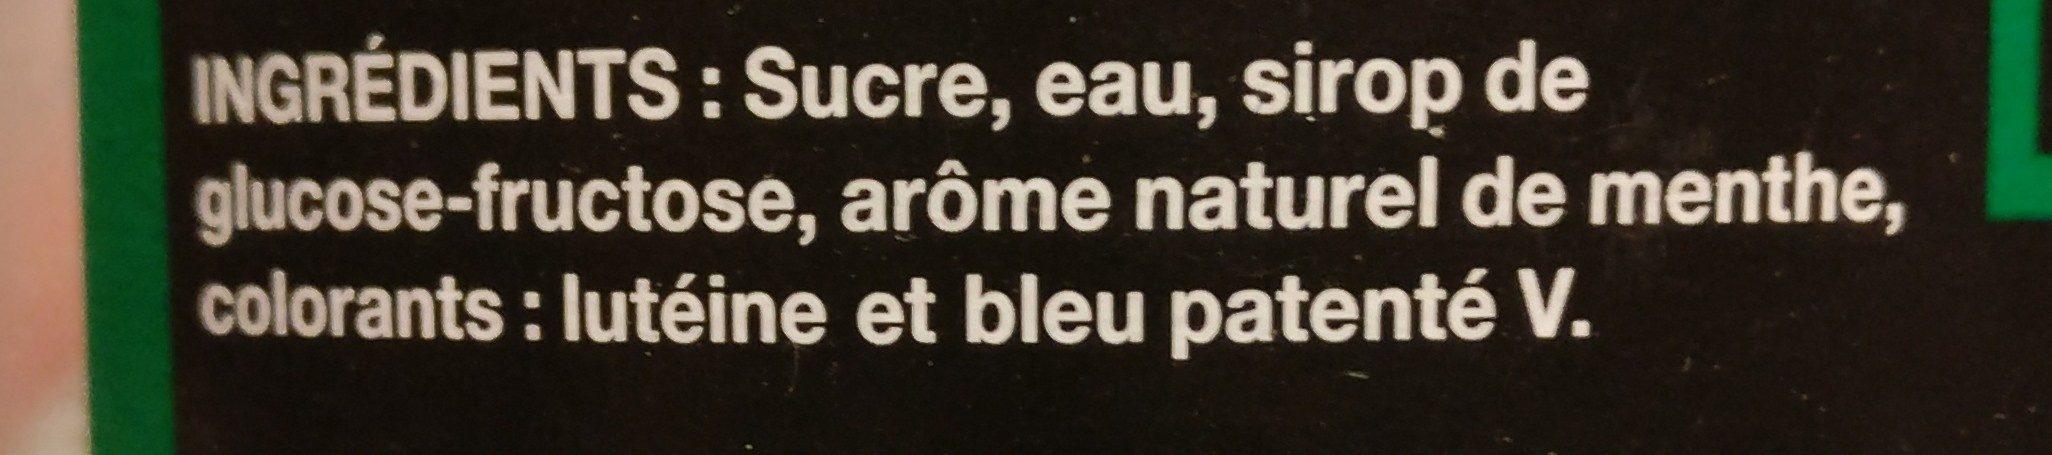 Bouteille 1L Sirop Menthe Saxo - Ingredienti - fr